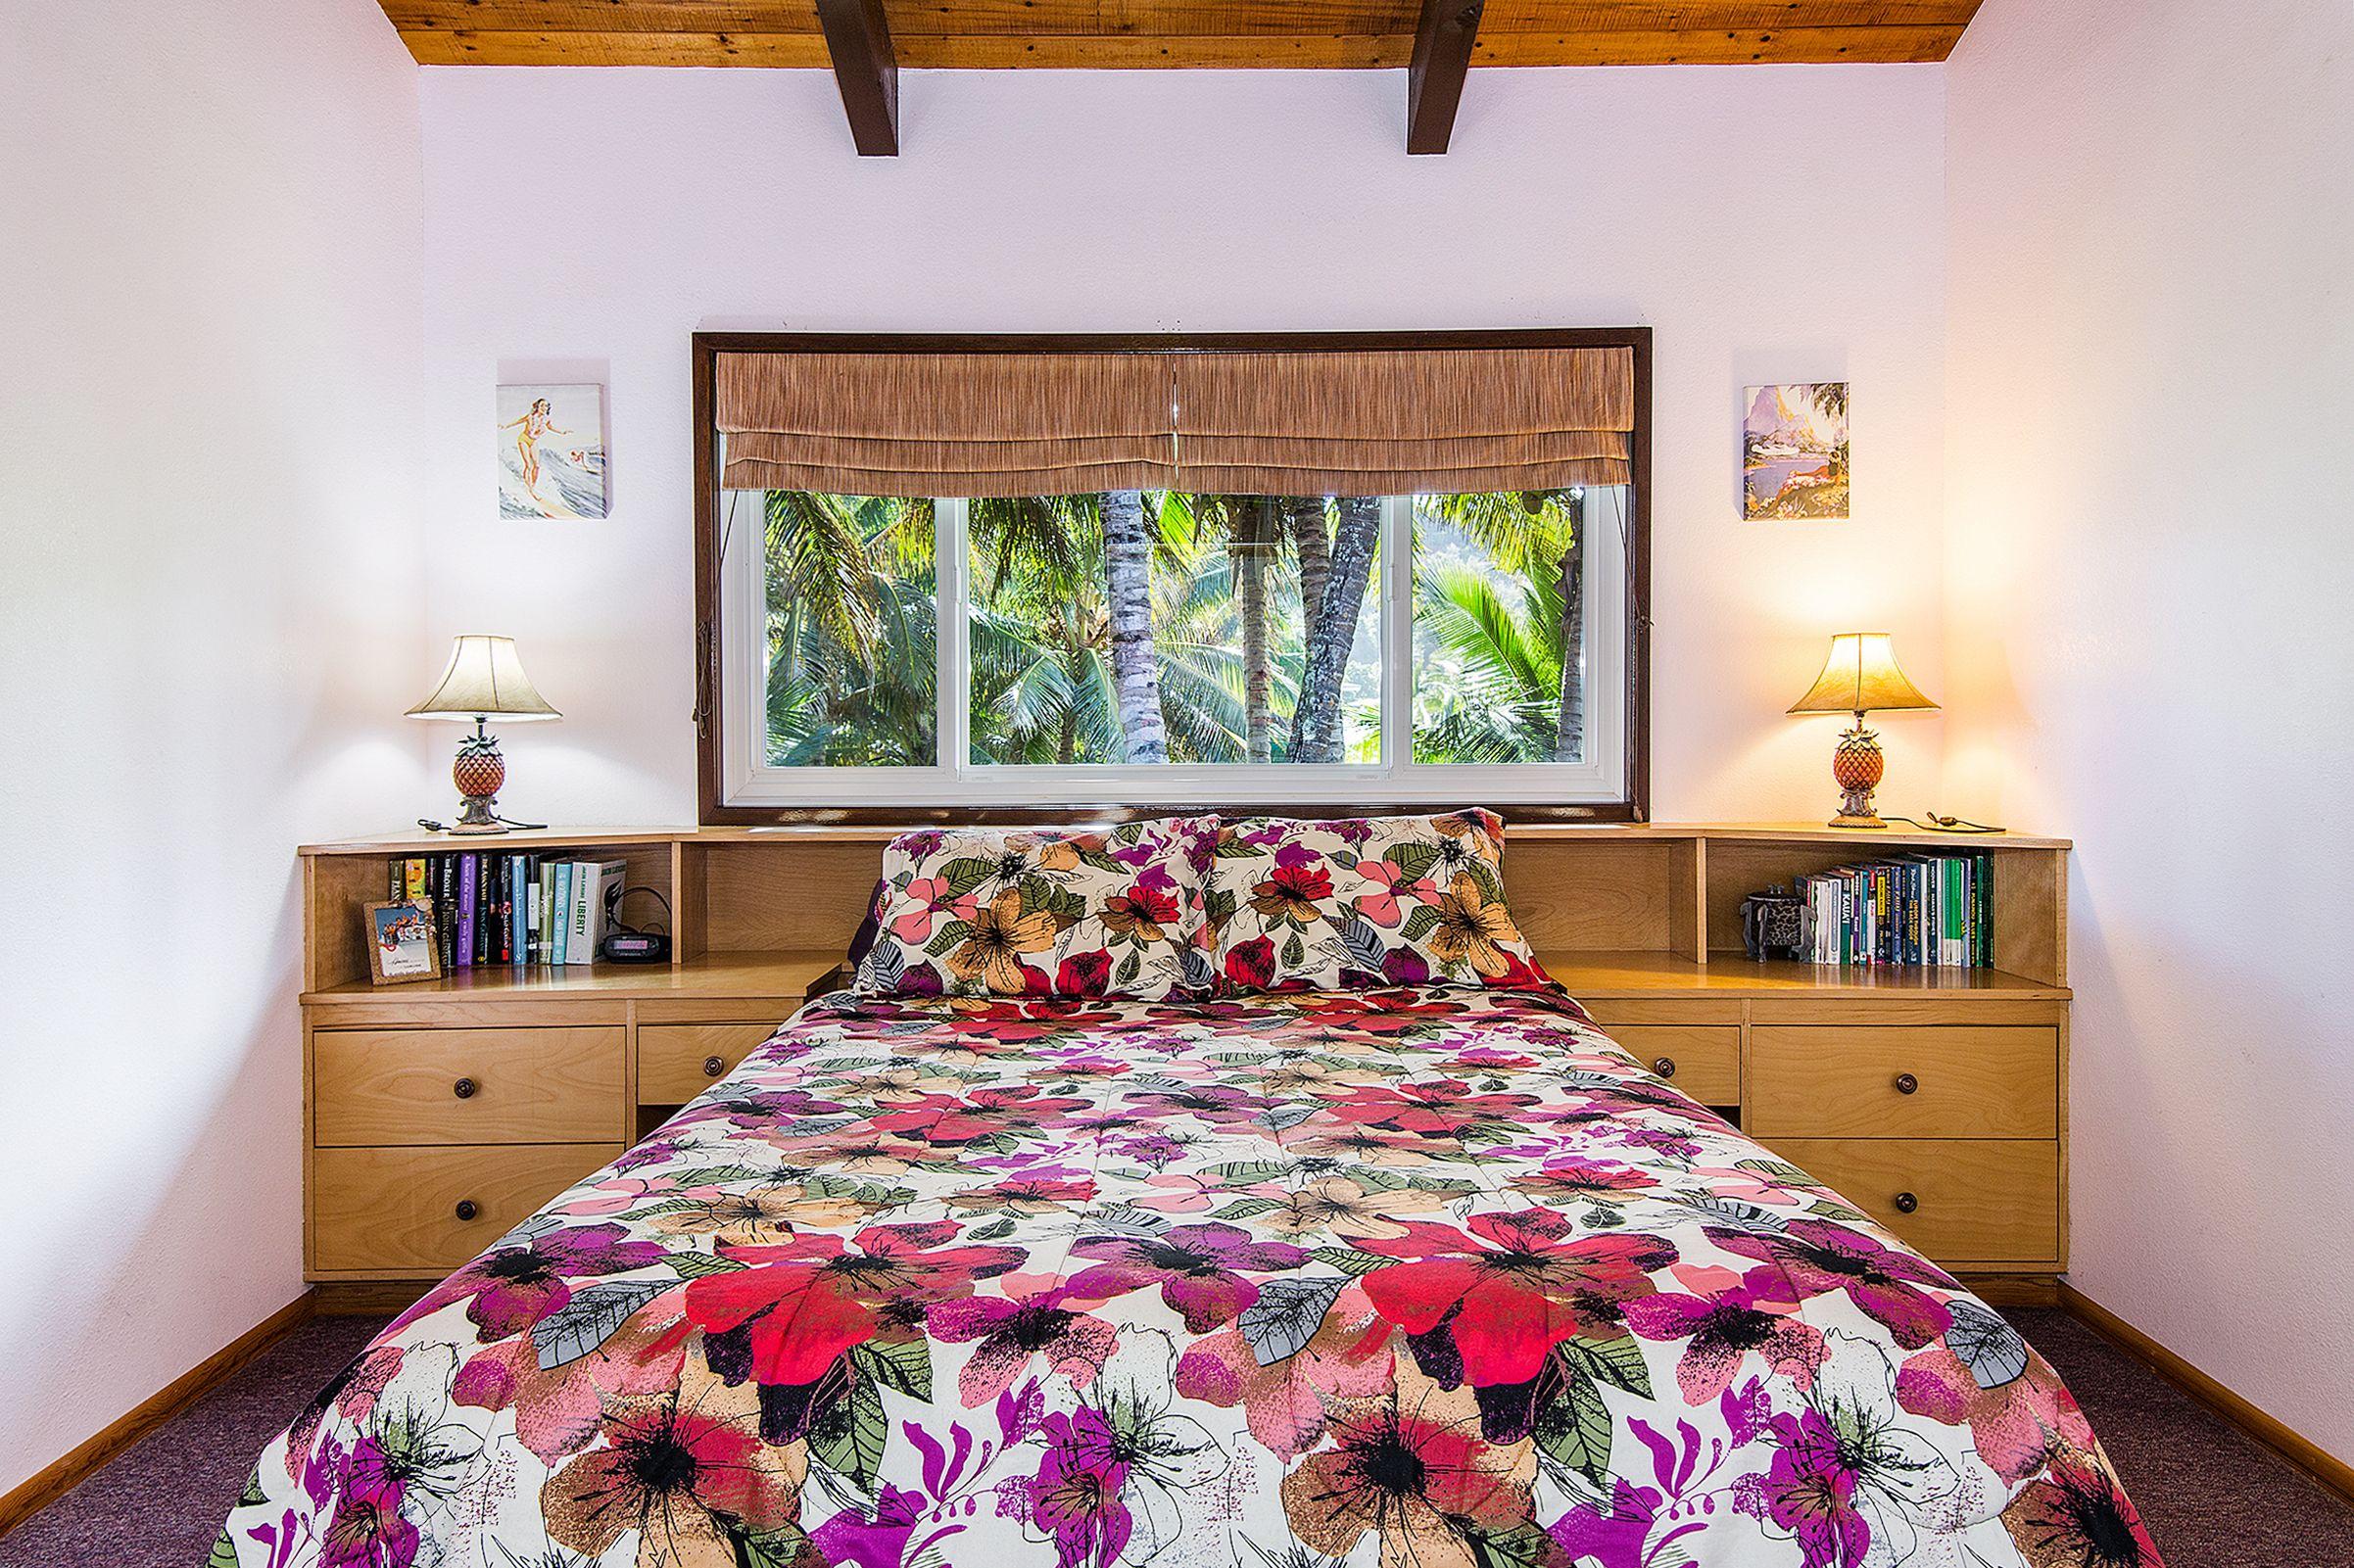 bedroom-4_1800x1200_1470649